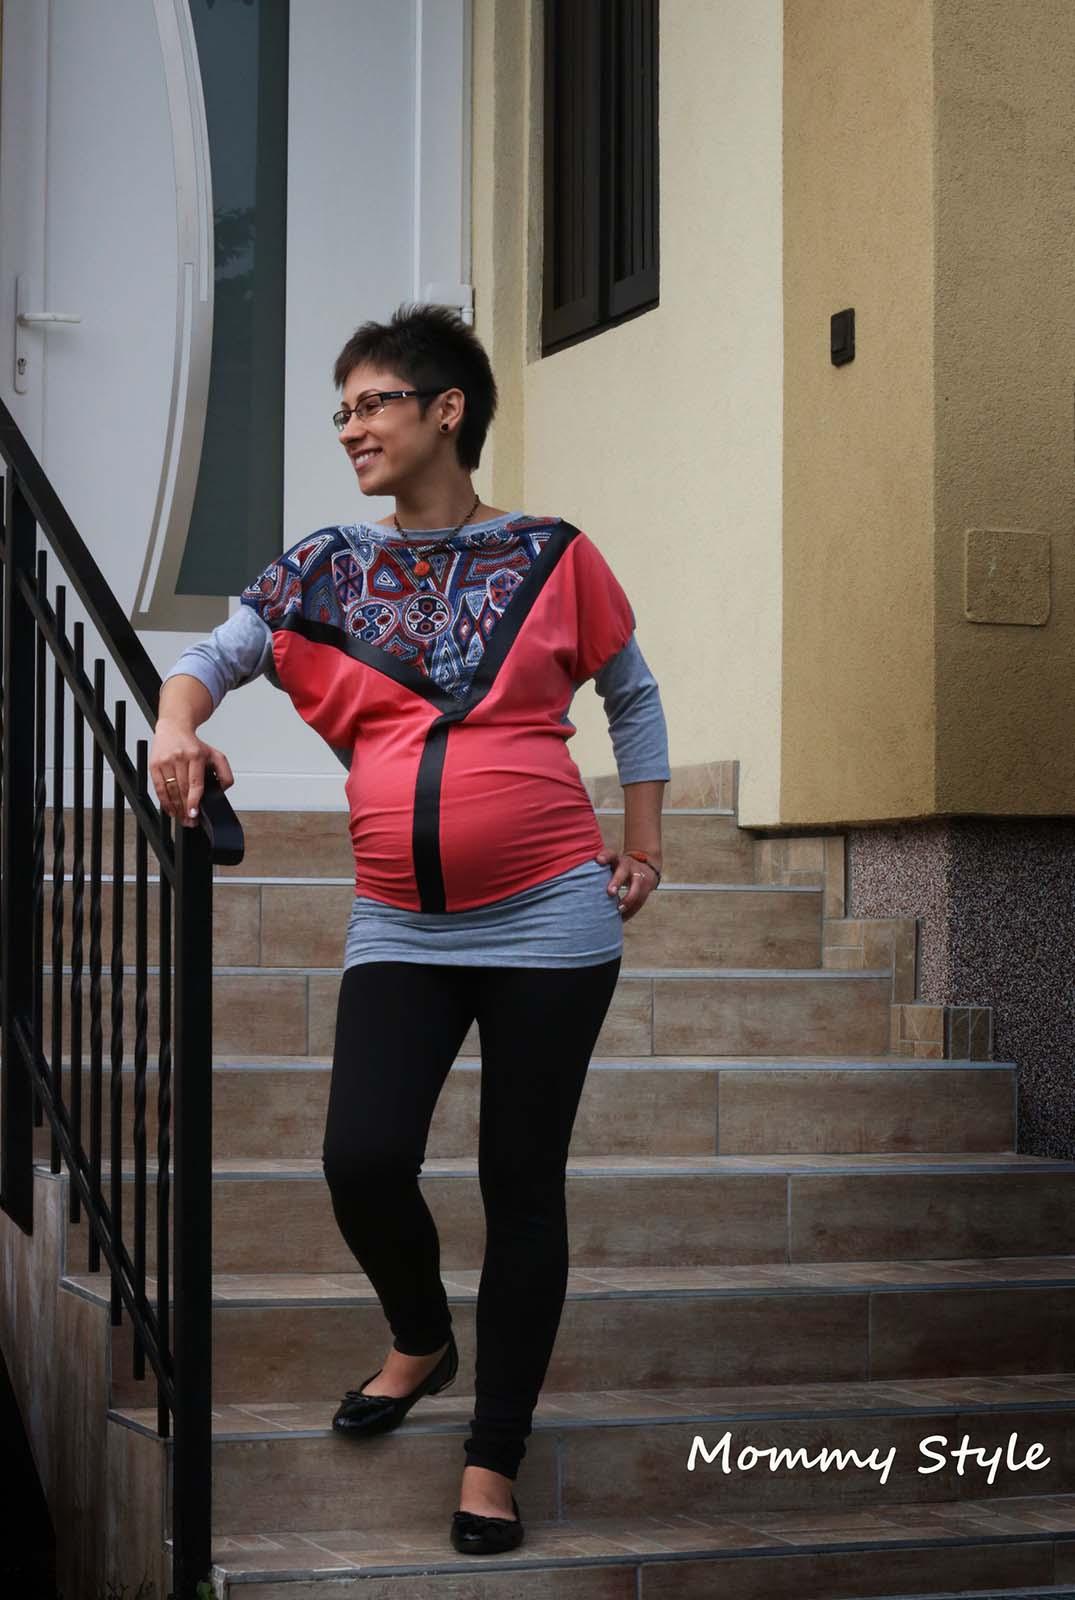 eaac06a0a3 Mommy Style | Bőrbetétes denevér ujjú kismama tunika